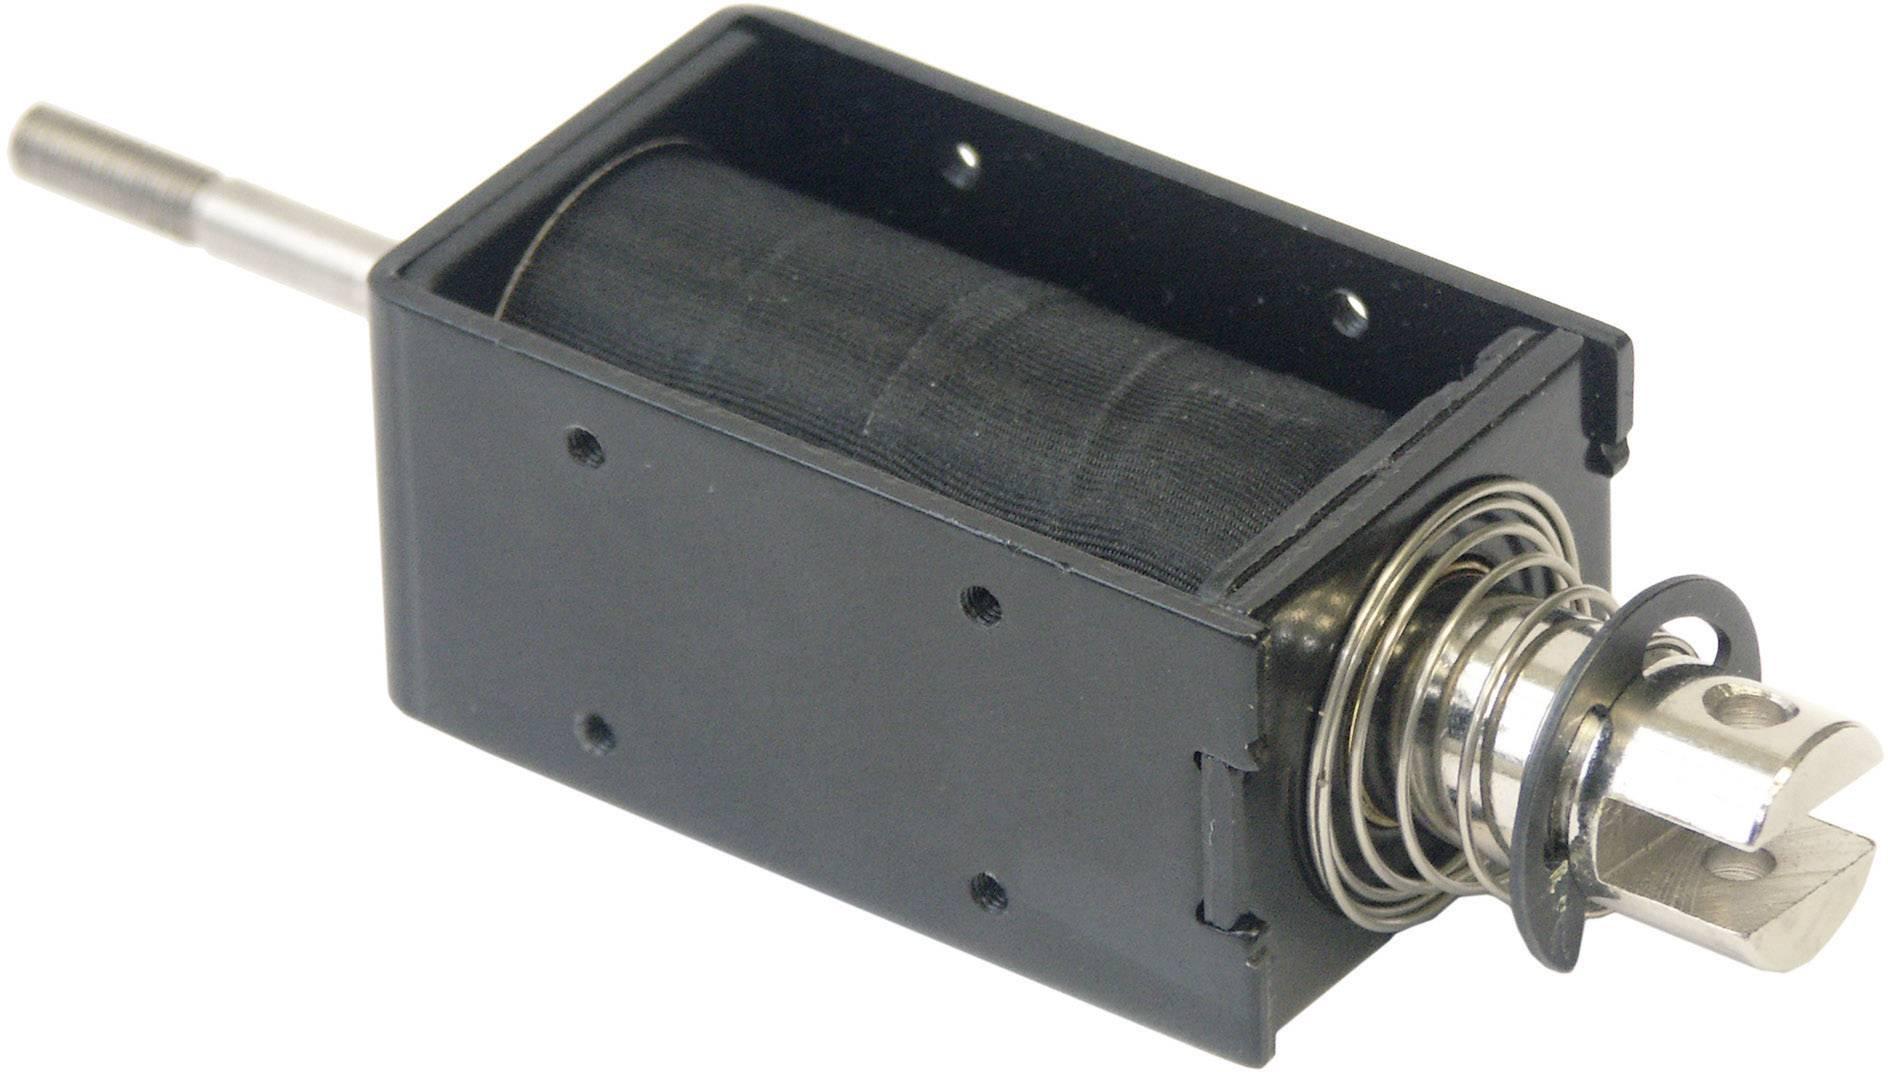 Zdvihací magnet tlačné Intertec ITS-LS3830B-D-12VDC ITS-LS3830B-D-12VDC, 2 N/mm, 56 N/mm, 12 V/DC, 8 W